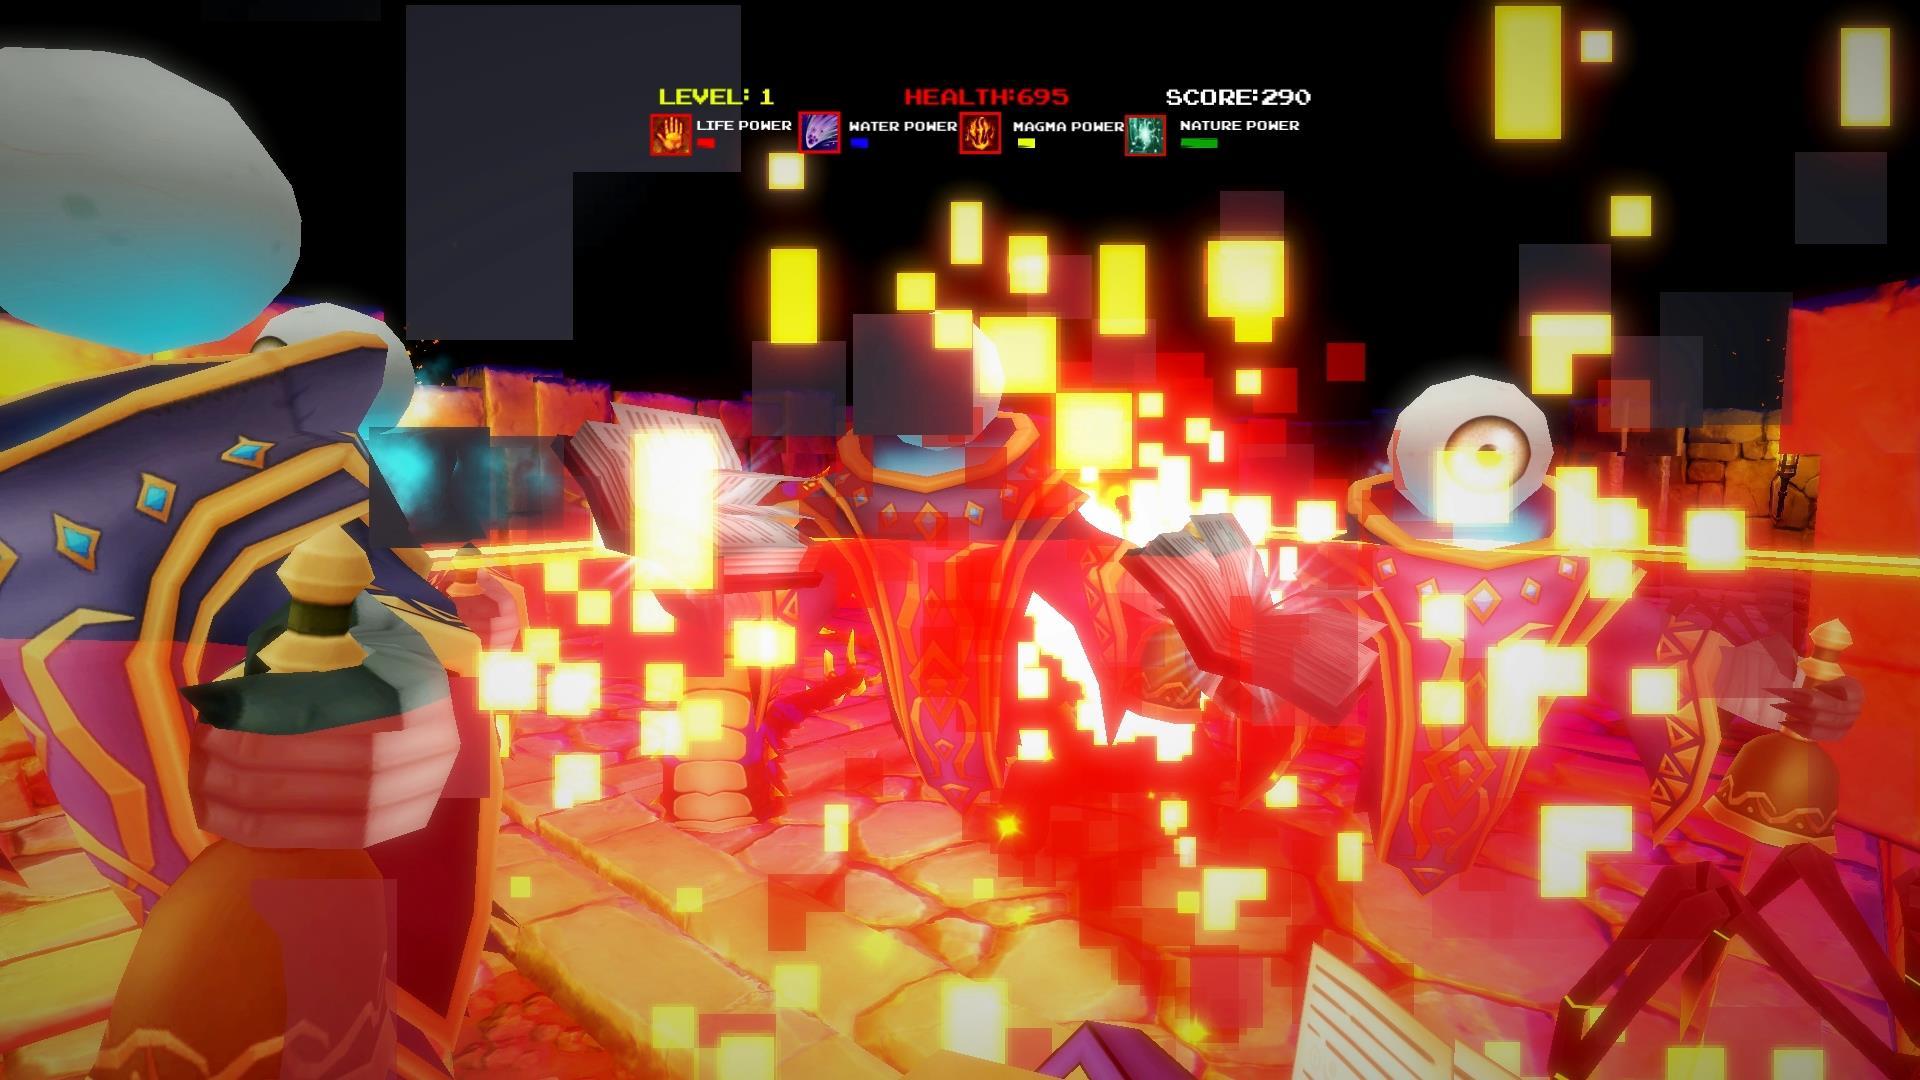 com.steam.942920-screenshot